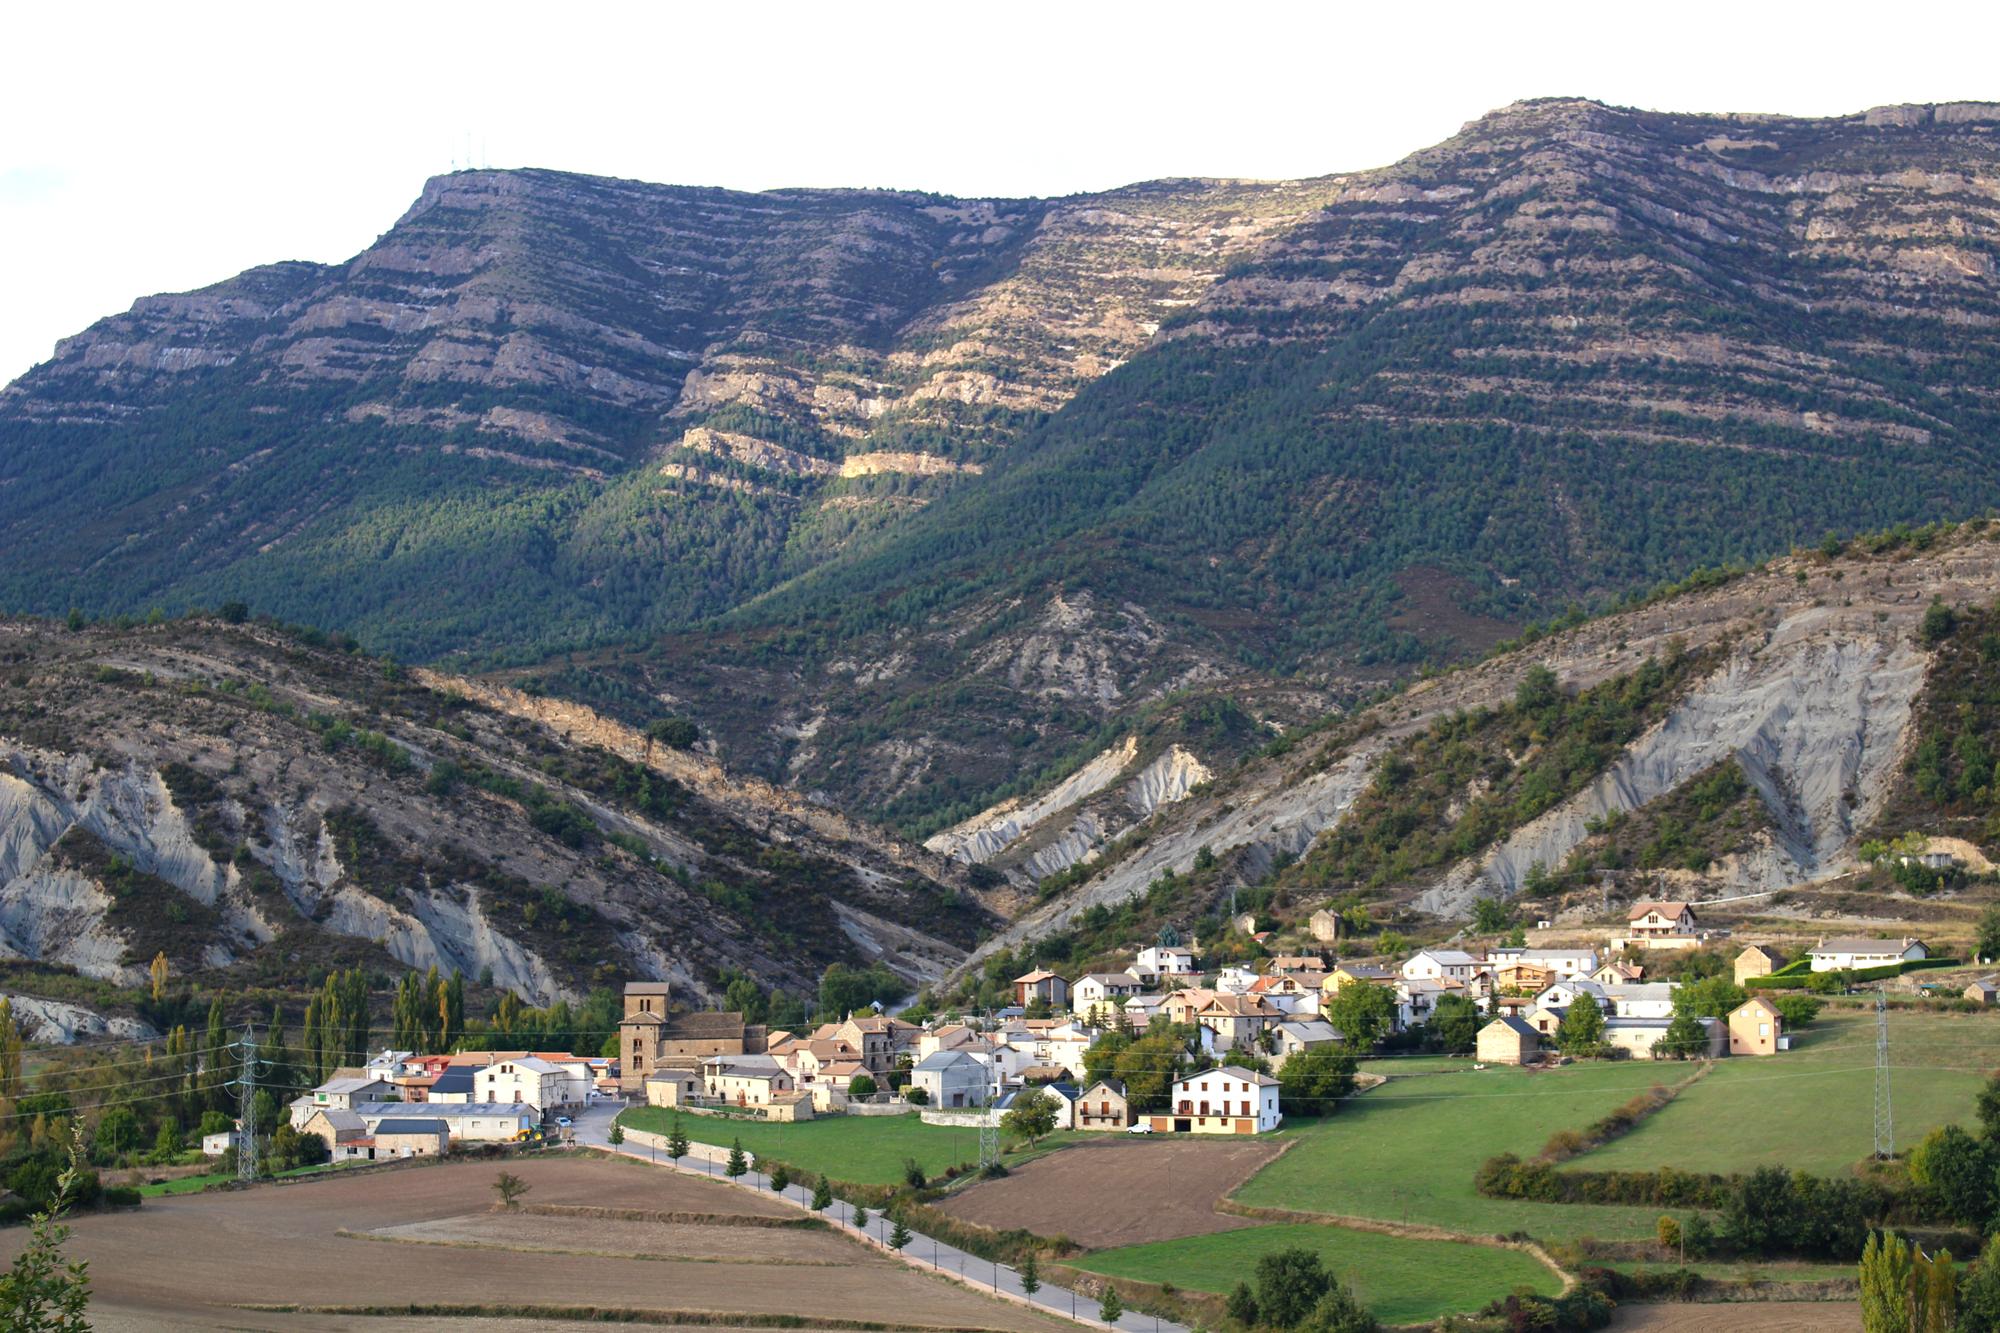 Disfruta del turismo rural en Huesca con Casa Pérez